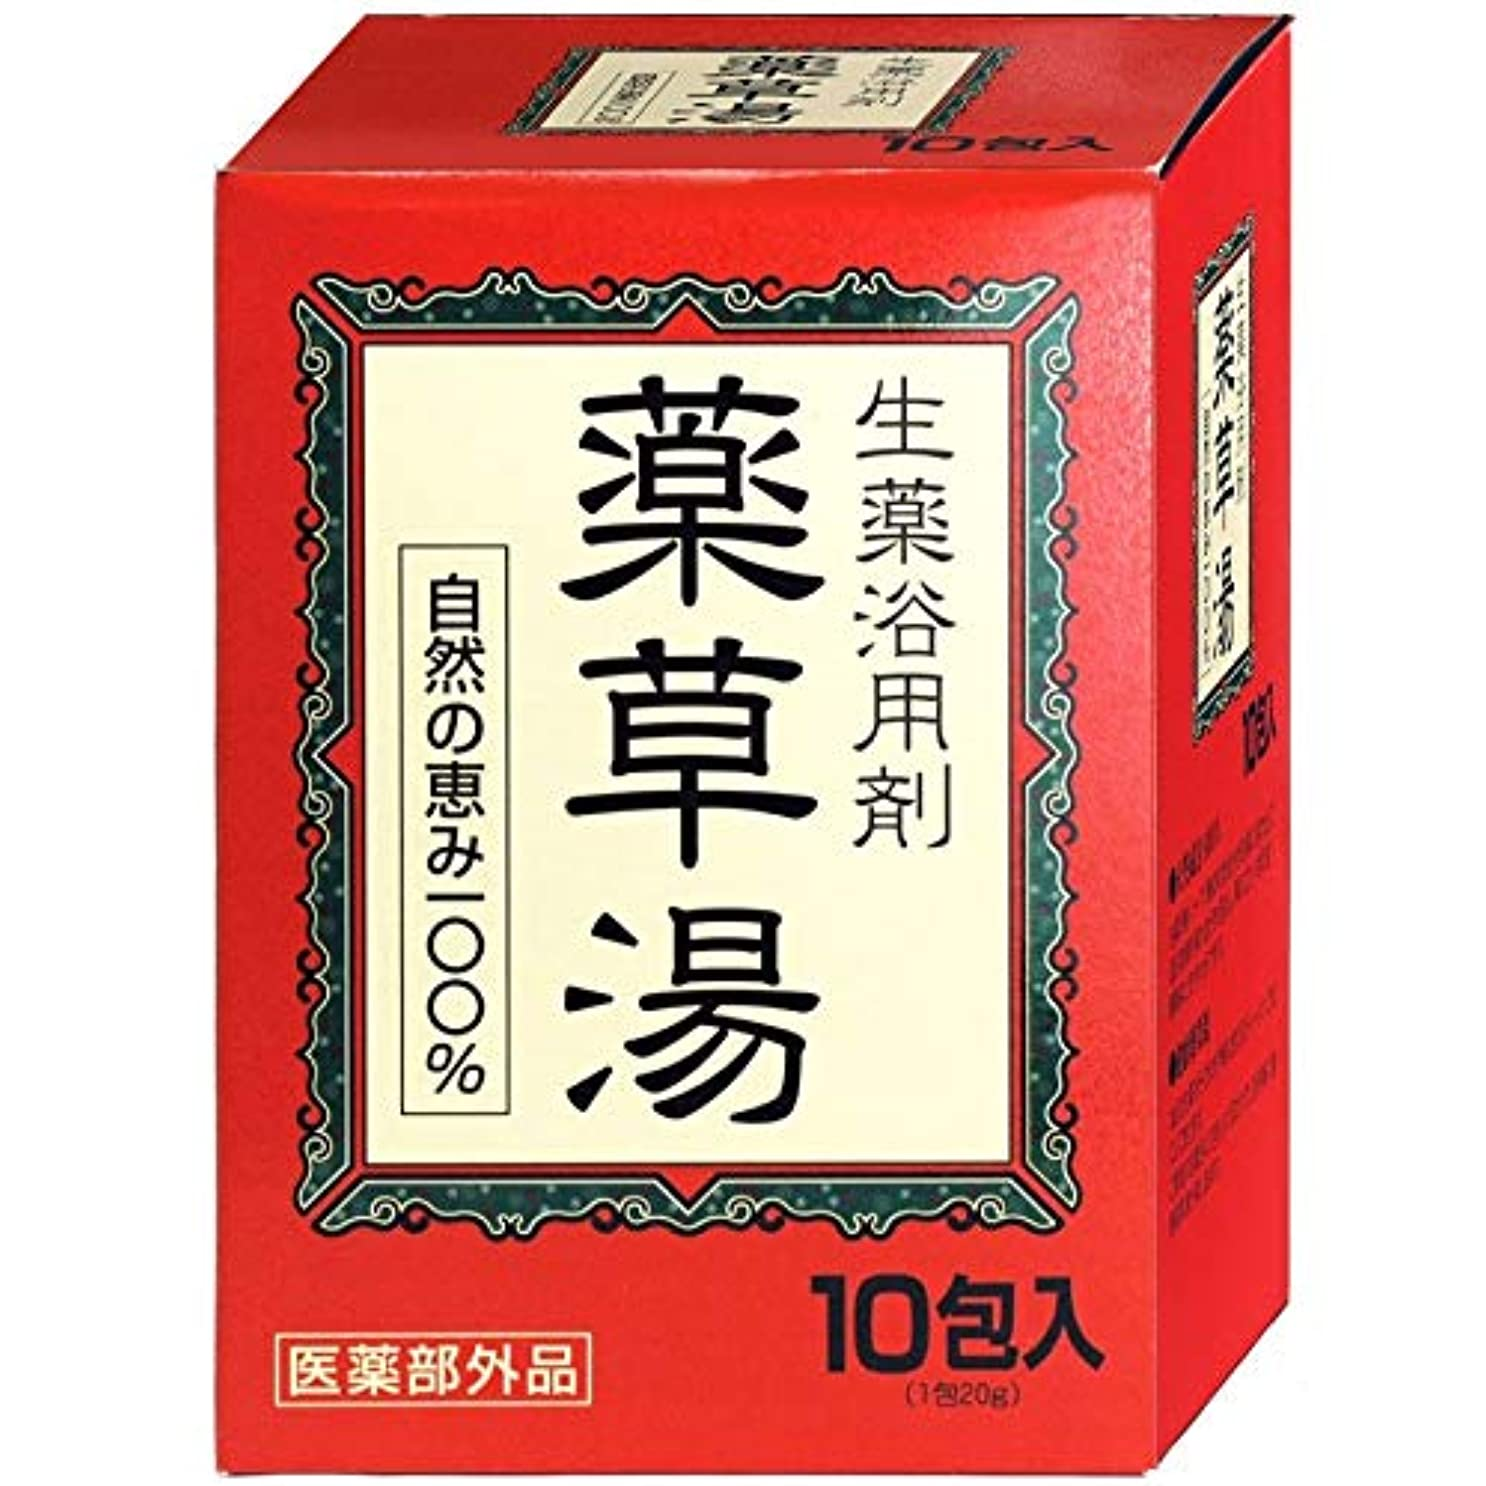 軽量博物館被るVVN生薬入浴剤薬草湯10包×(10セット)